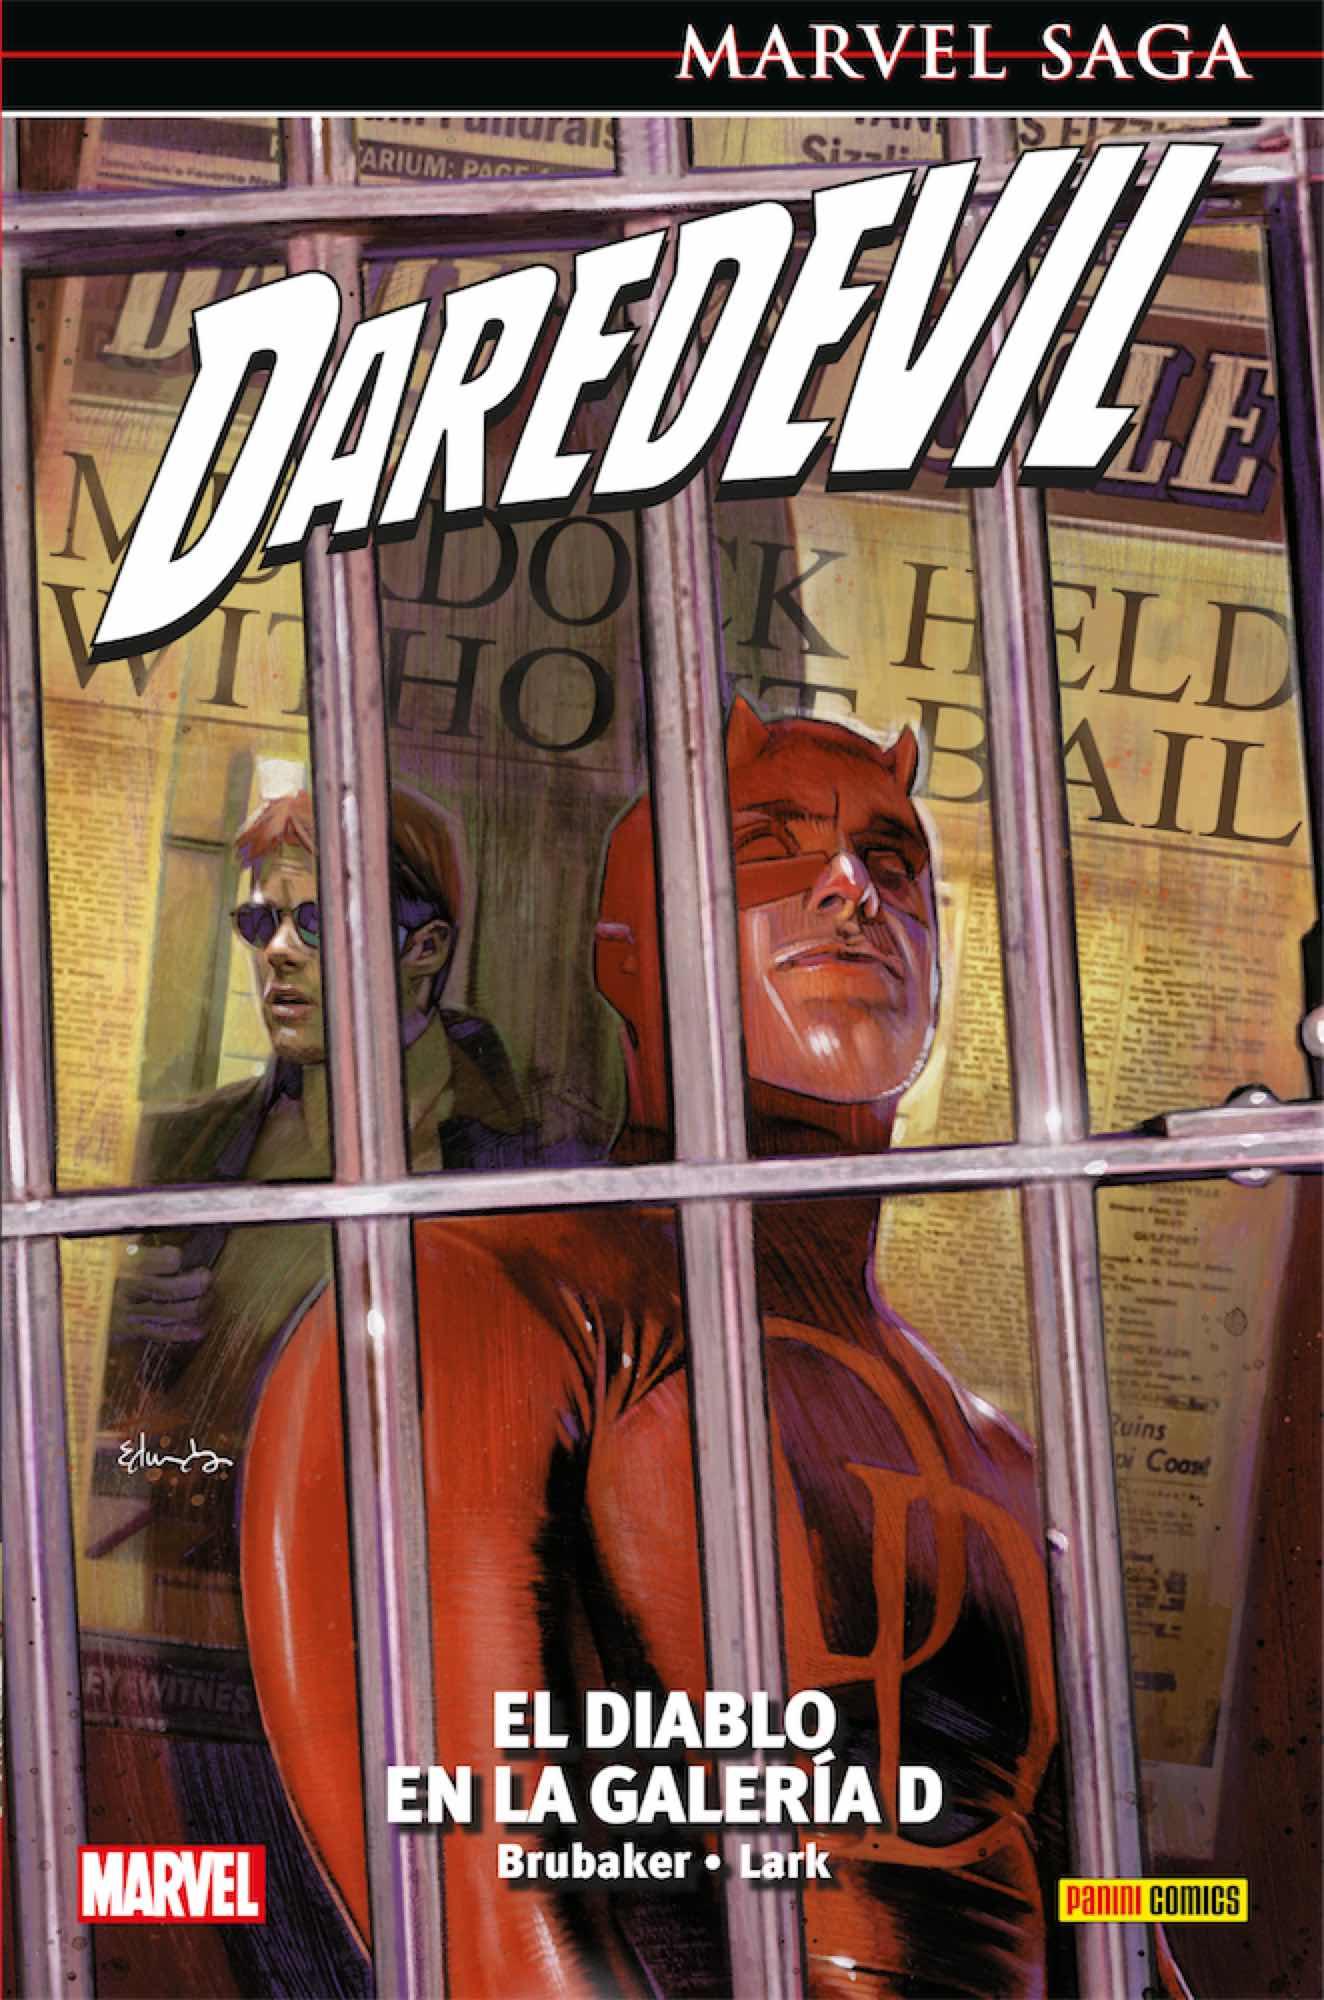 DAREDEVIL 15. EL DIABLO EN LA GALERIA D (MARVEL SAGA 52)